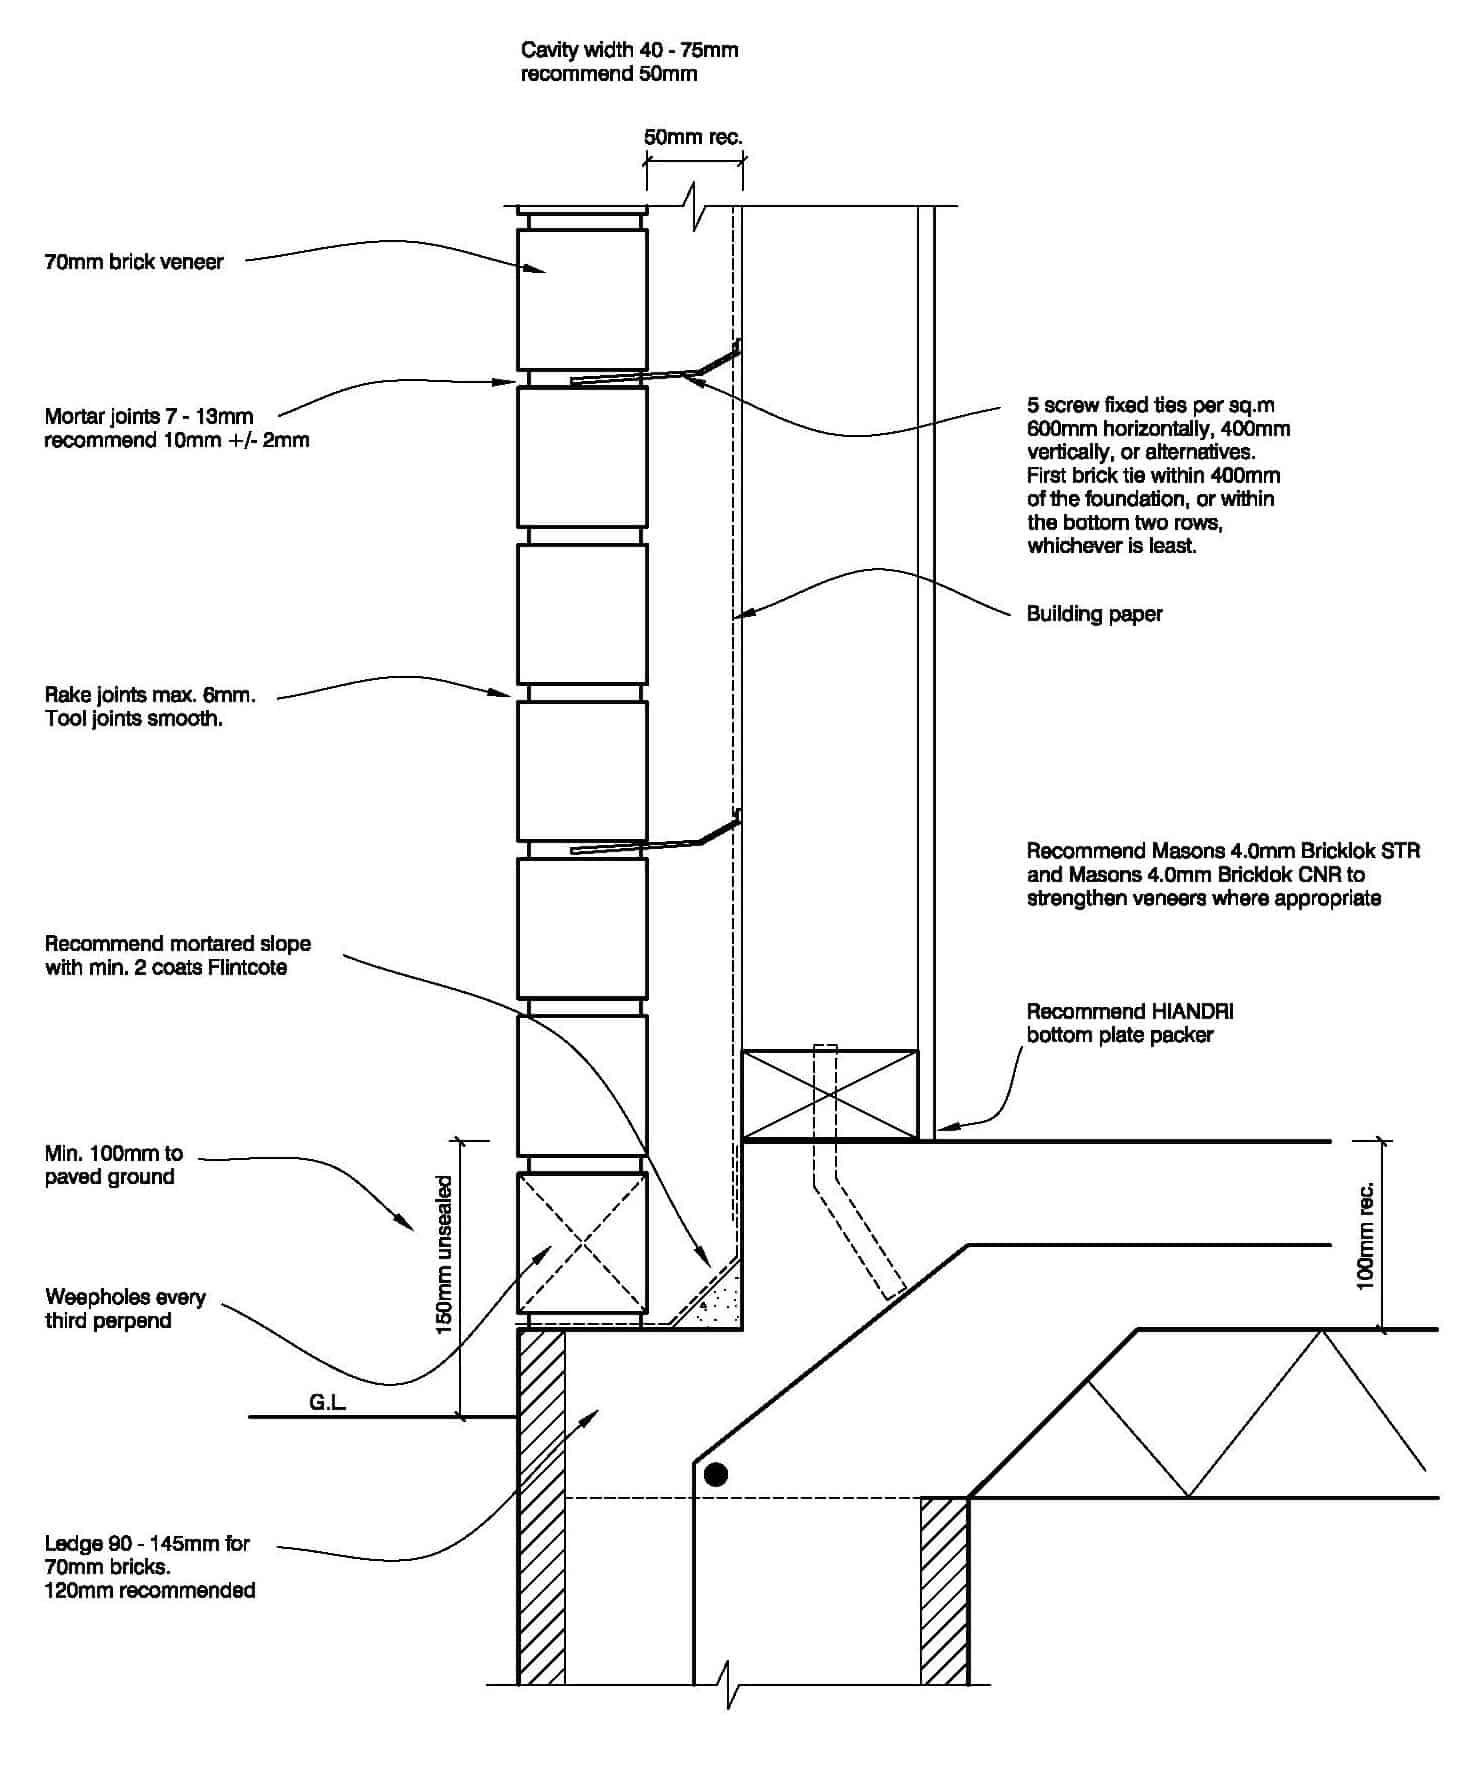 Clay Bricks – Standard Brick Veneer